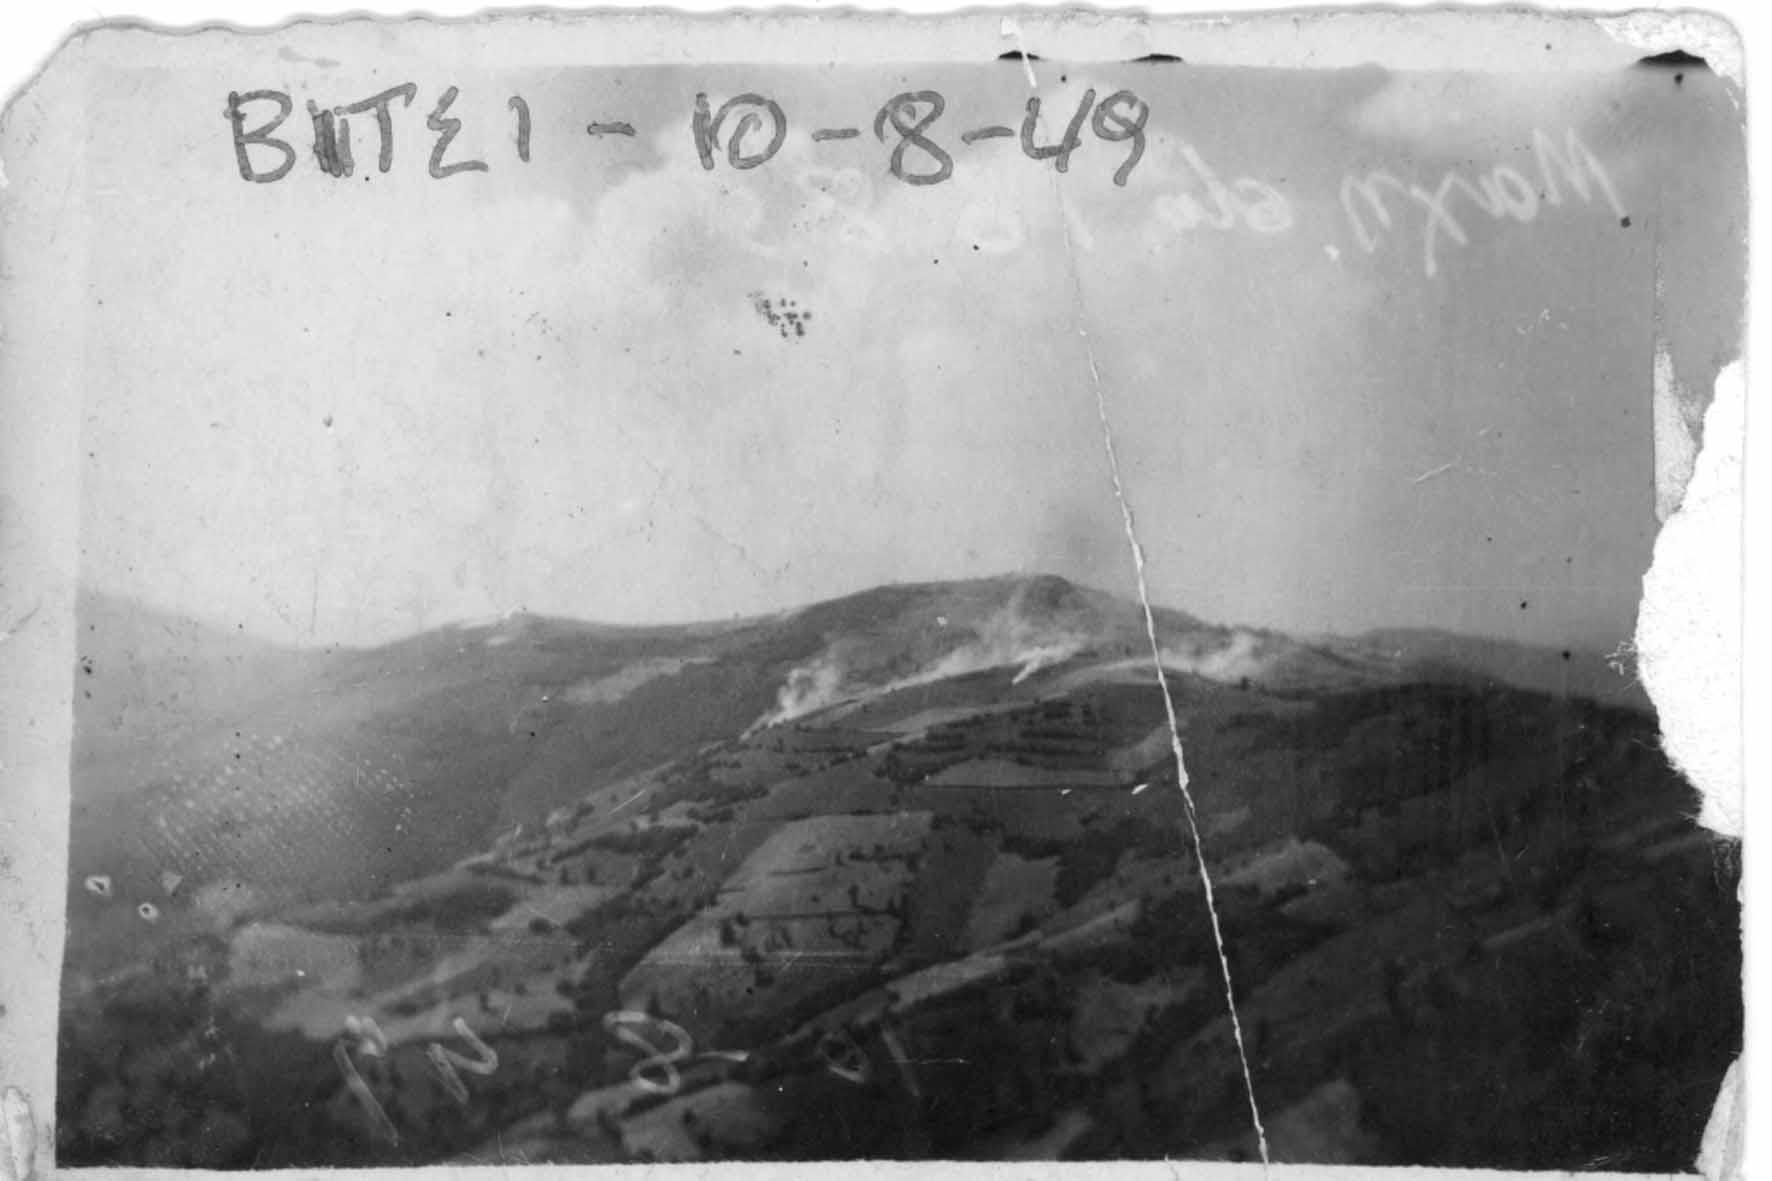 ΒΙΤΣΙ_10.8.1949